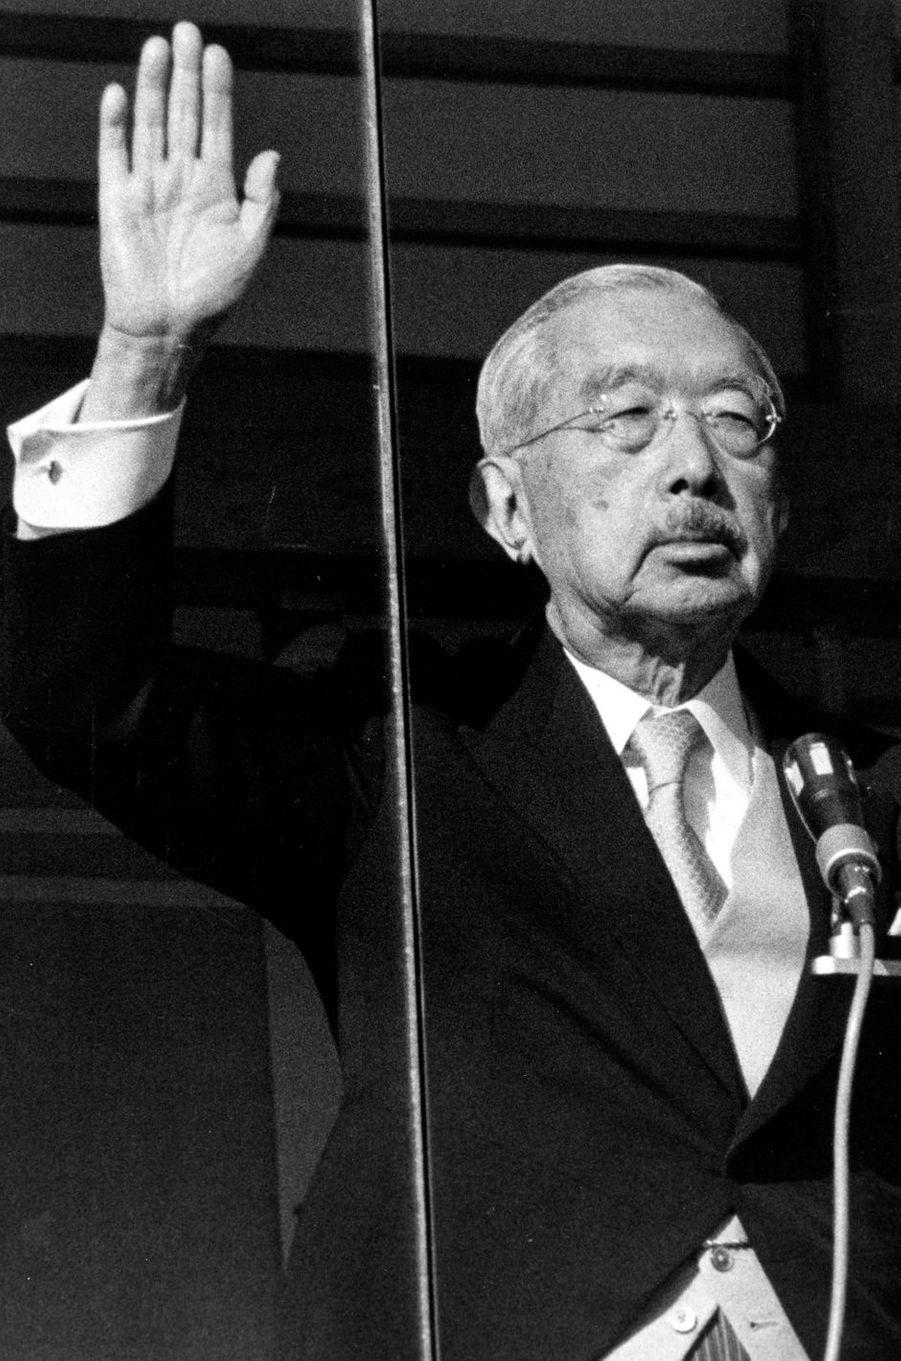 L'empereur Hirohito du Japo, le 2 janvier 1986